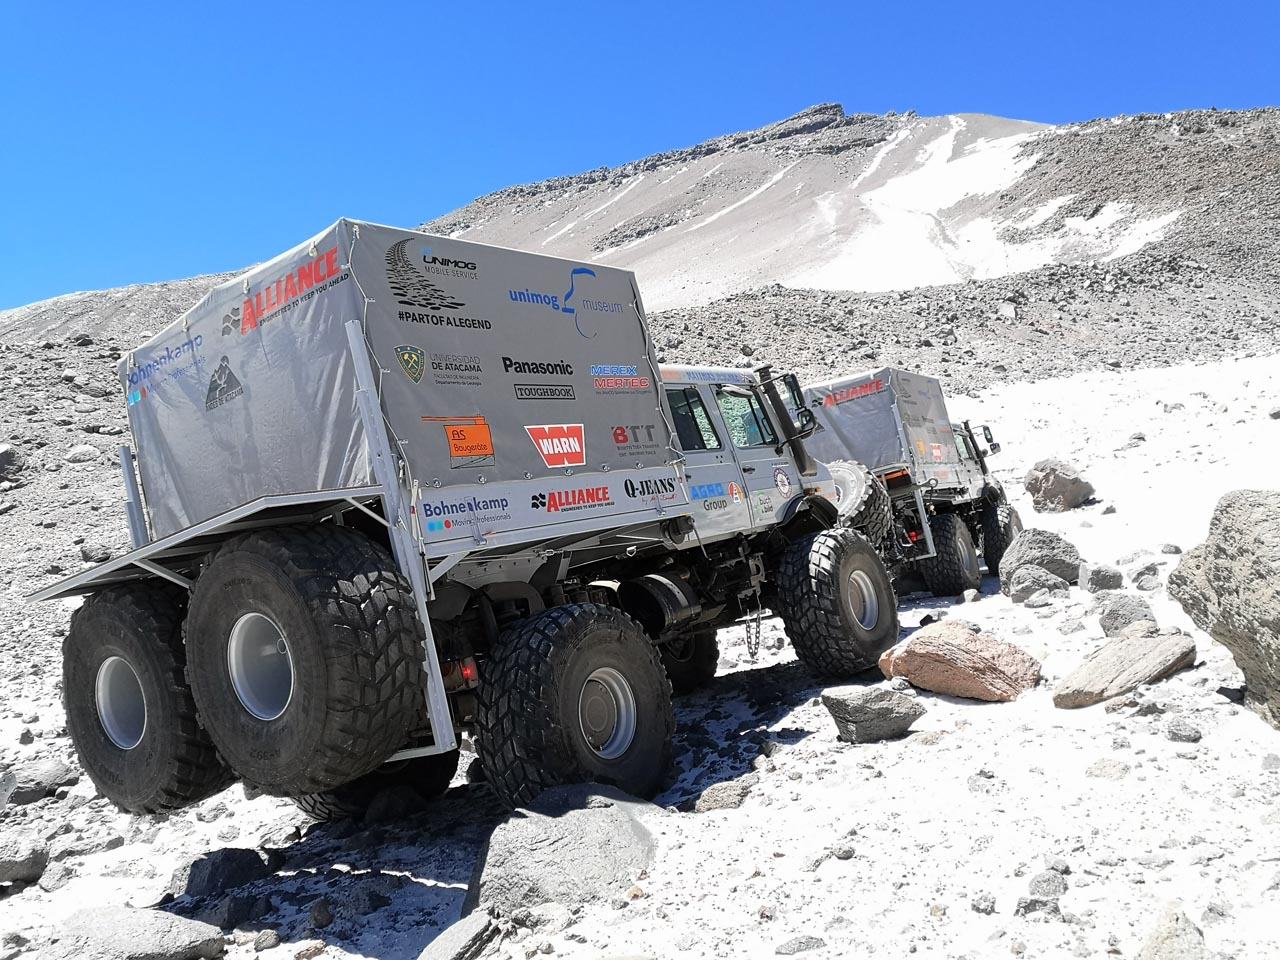 Unimog: Höhen-Weltrekord in Chile